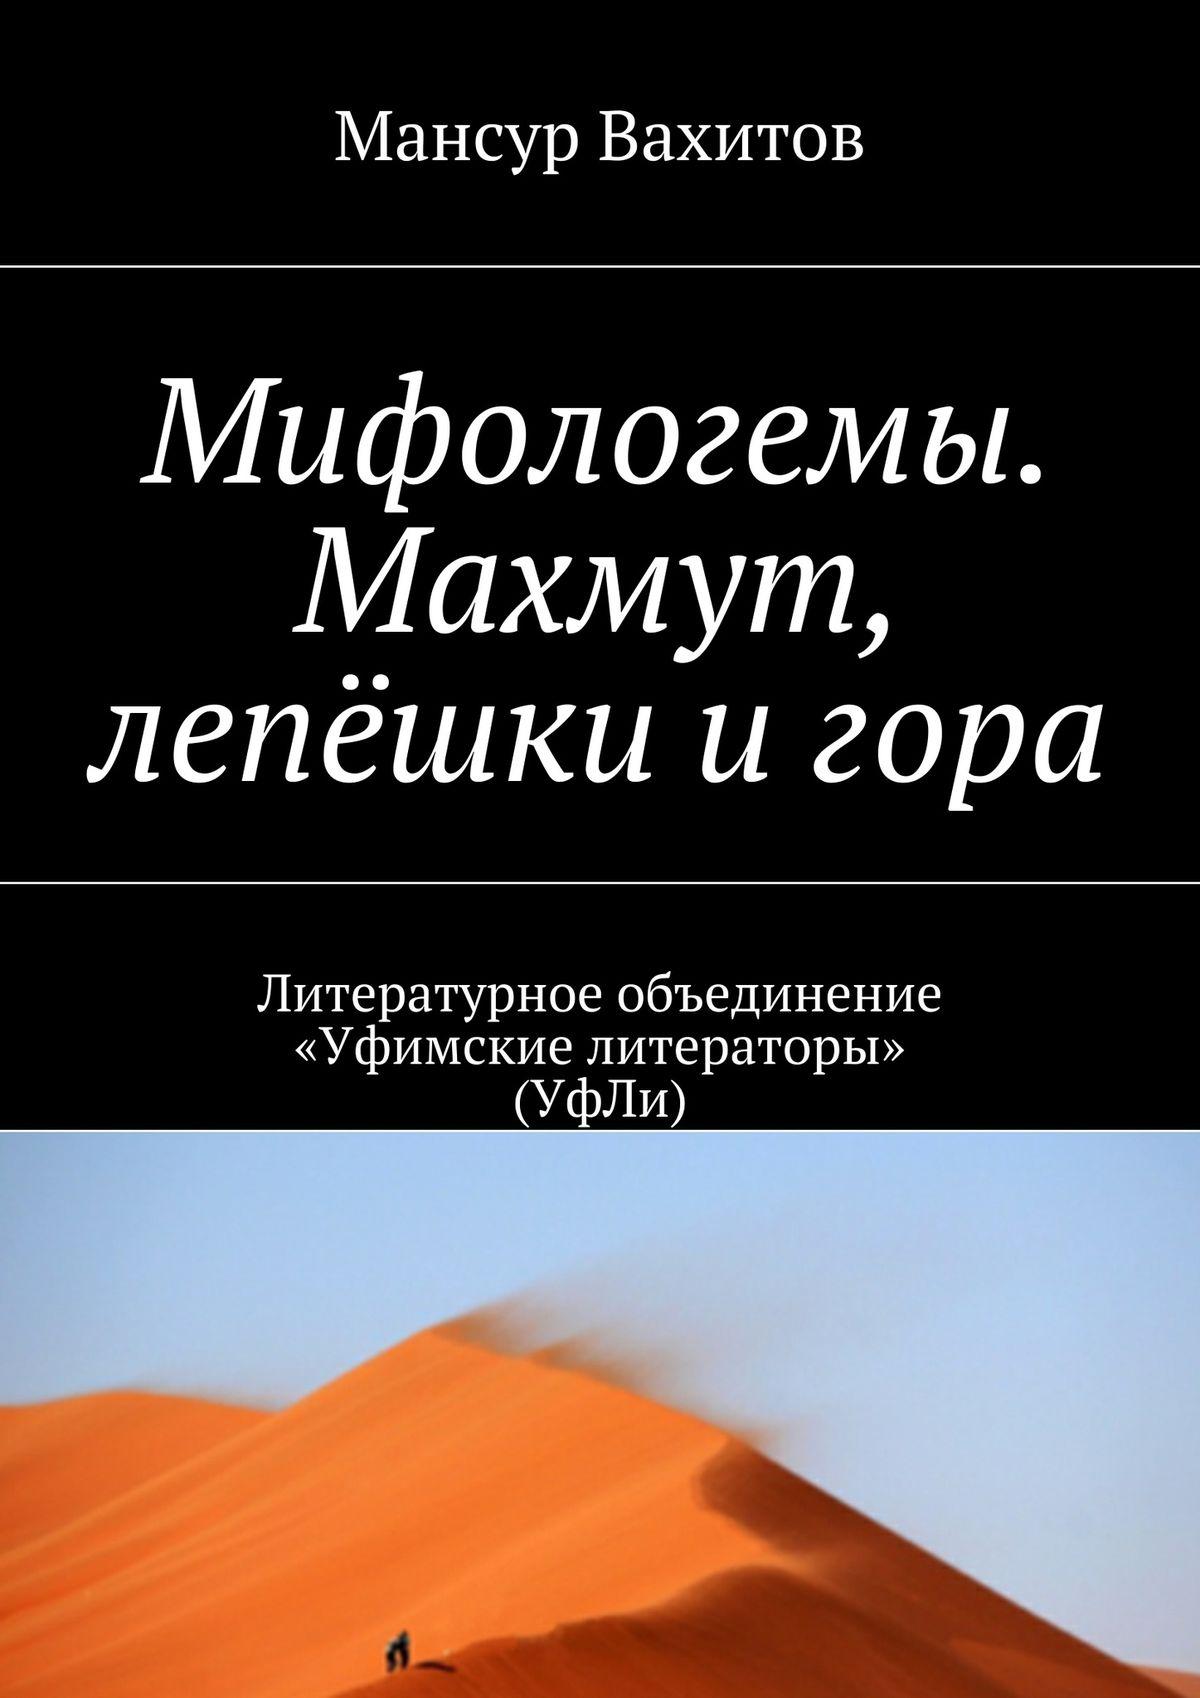 Мифологемы. Махмут, лепёшки игора. Литературное объединение «Уфимские литераторы» (УфЛи)